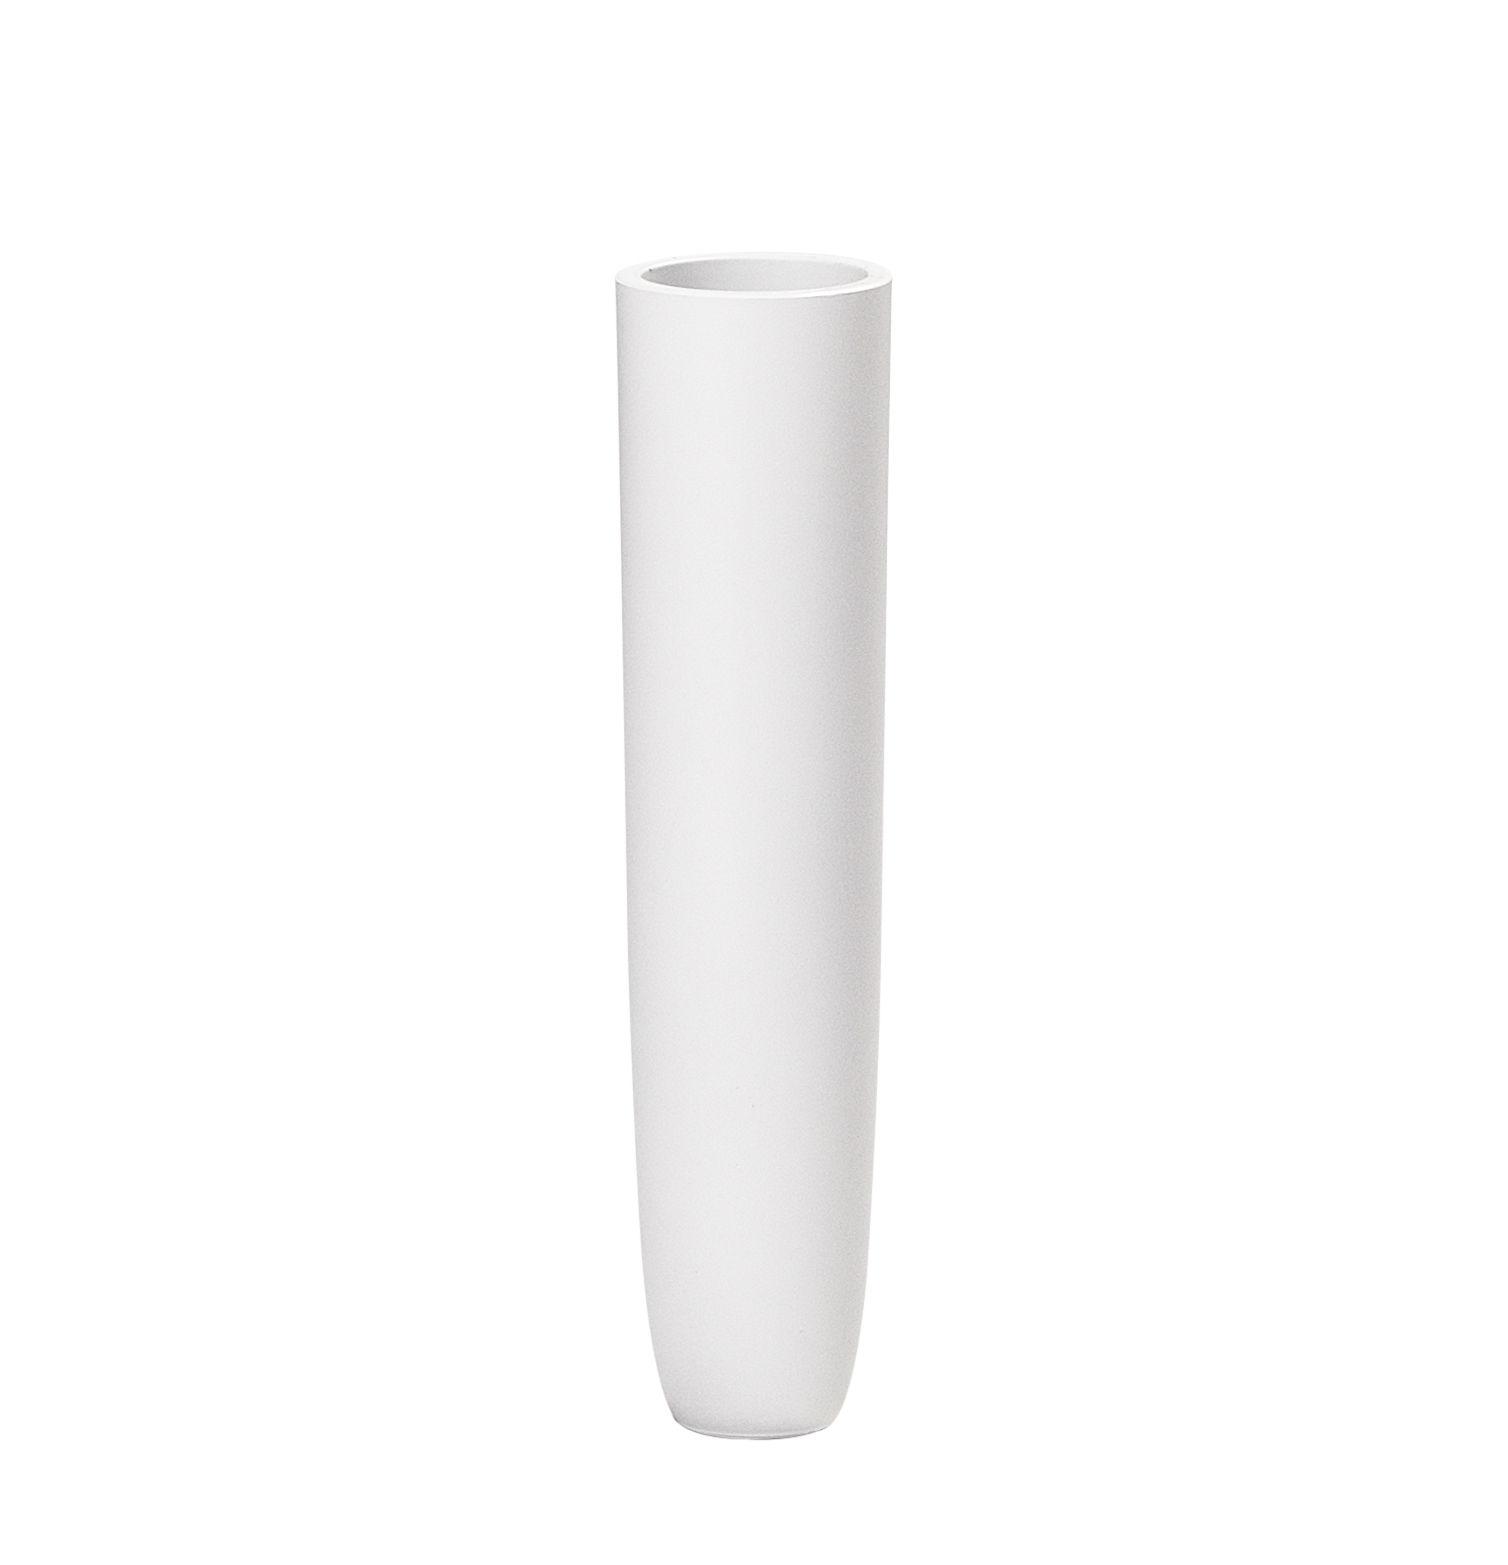 """Leuchten - Tischleuchten - Soliflore magnetisch / für die Lampe """"Gaku"""" - Flos - Weiß - Polykarbonat"""